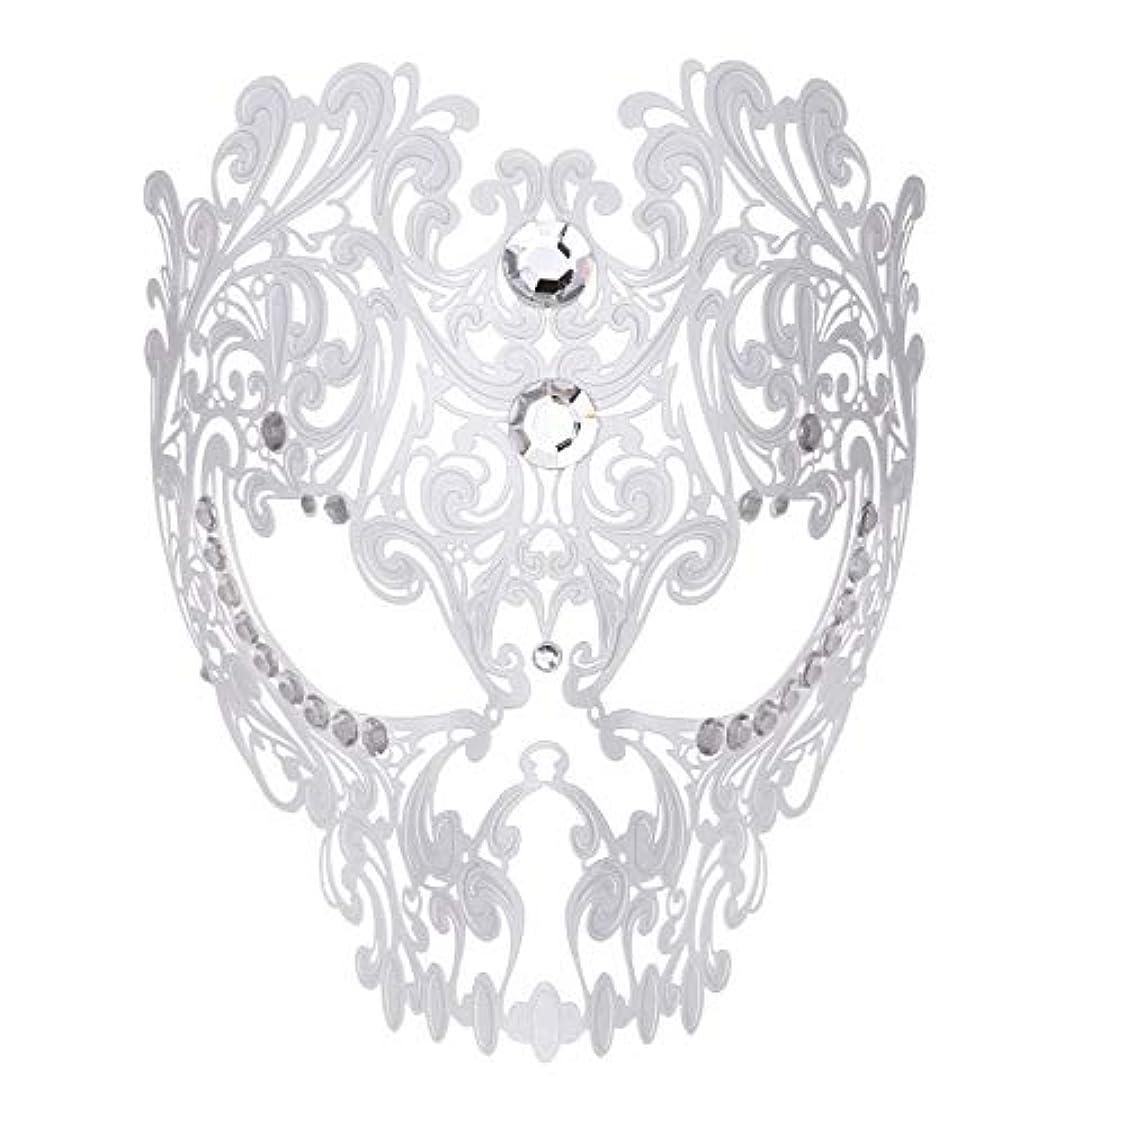 やめる確立します動機付けるダンスマスク フルフェイスエナメル金属象眼細工中空マスクナイトクラブパーティーロールプレイングマスカレードマスク ホリデーパーティー用品 (色 : 白, サイズ : Universal)